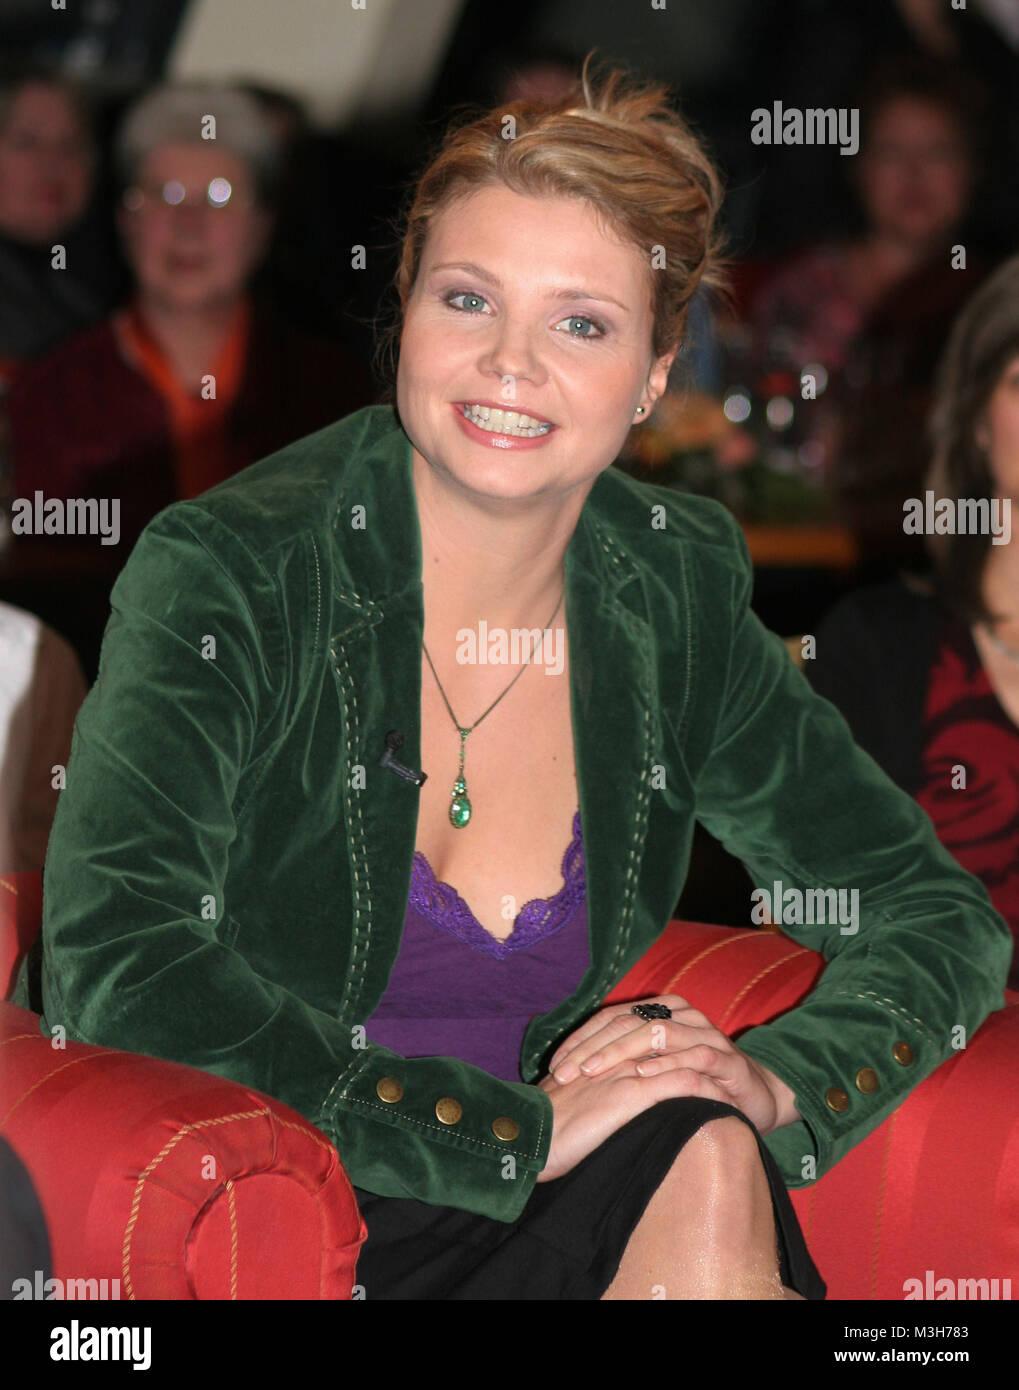 Alter Annette Frier